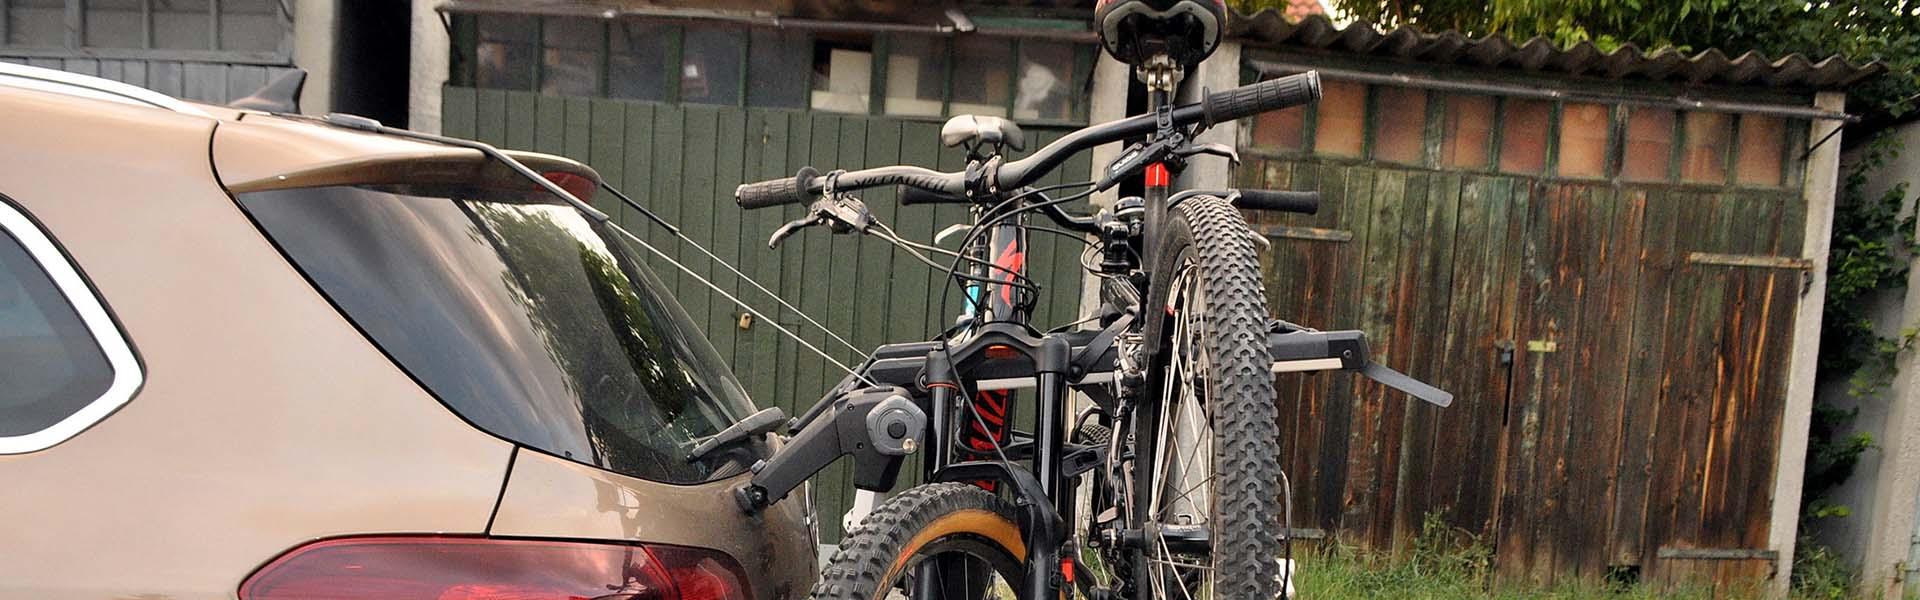 Thule Outway Hanging - kerékpárszállítás a kocsi hátulján